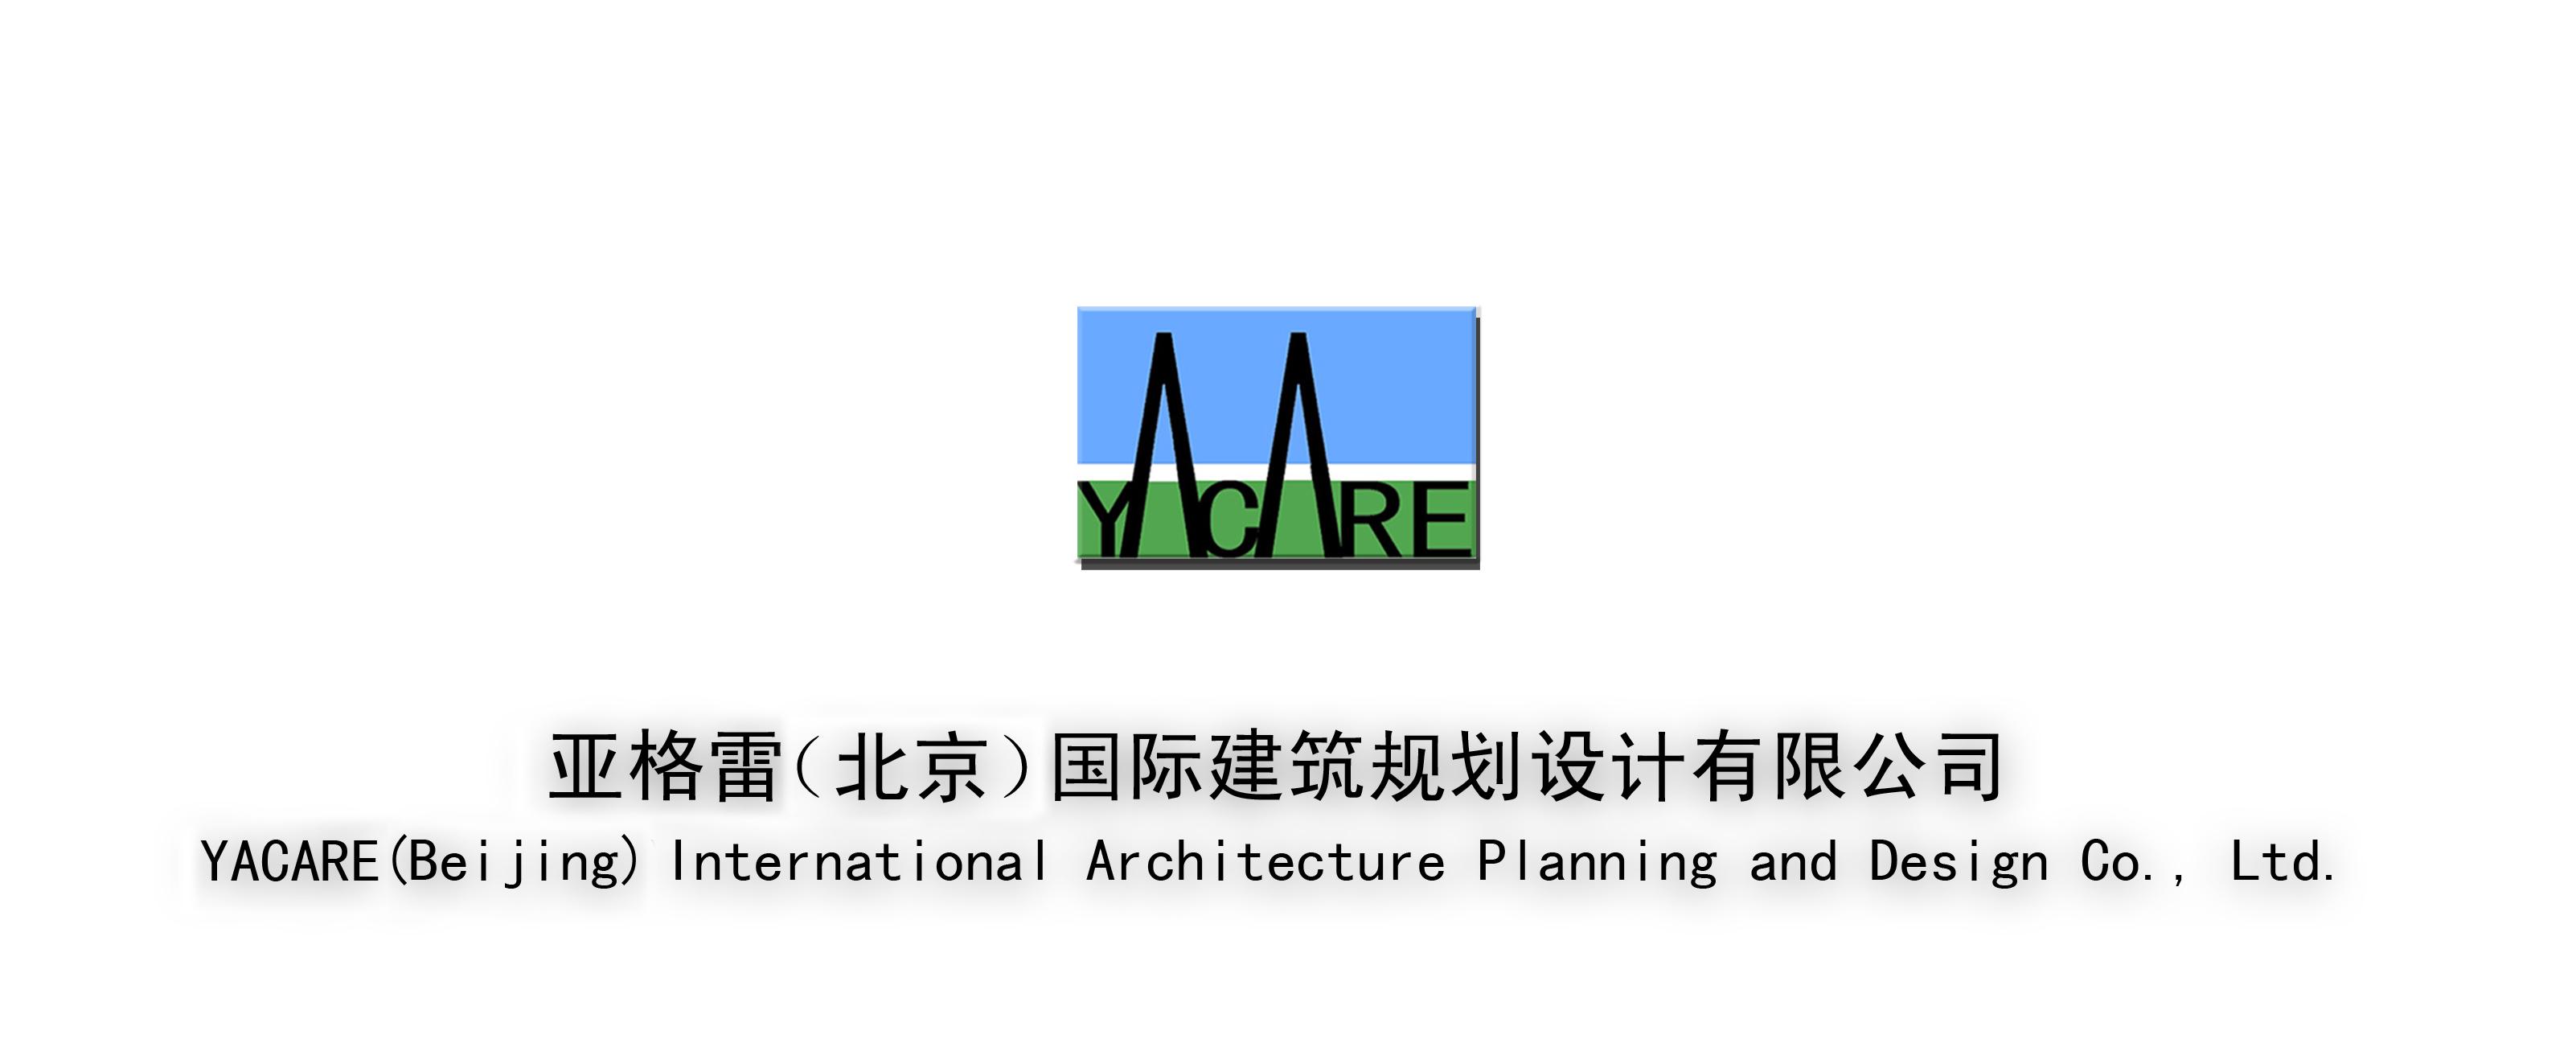 北京亚格雷国际建筑规划设计有限公司官网